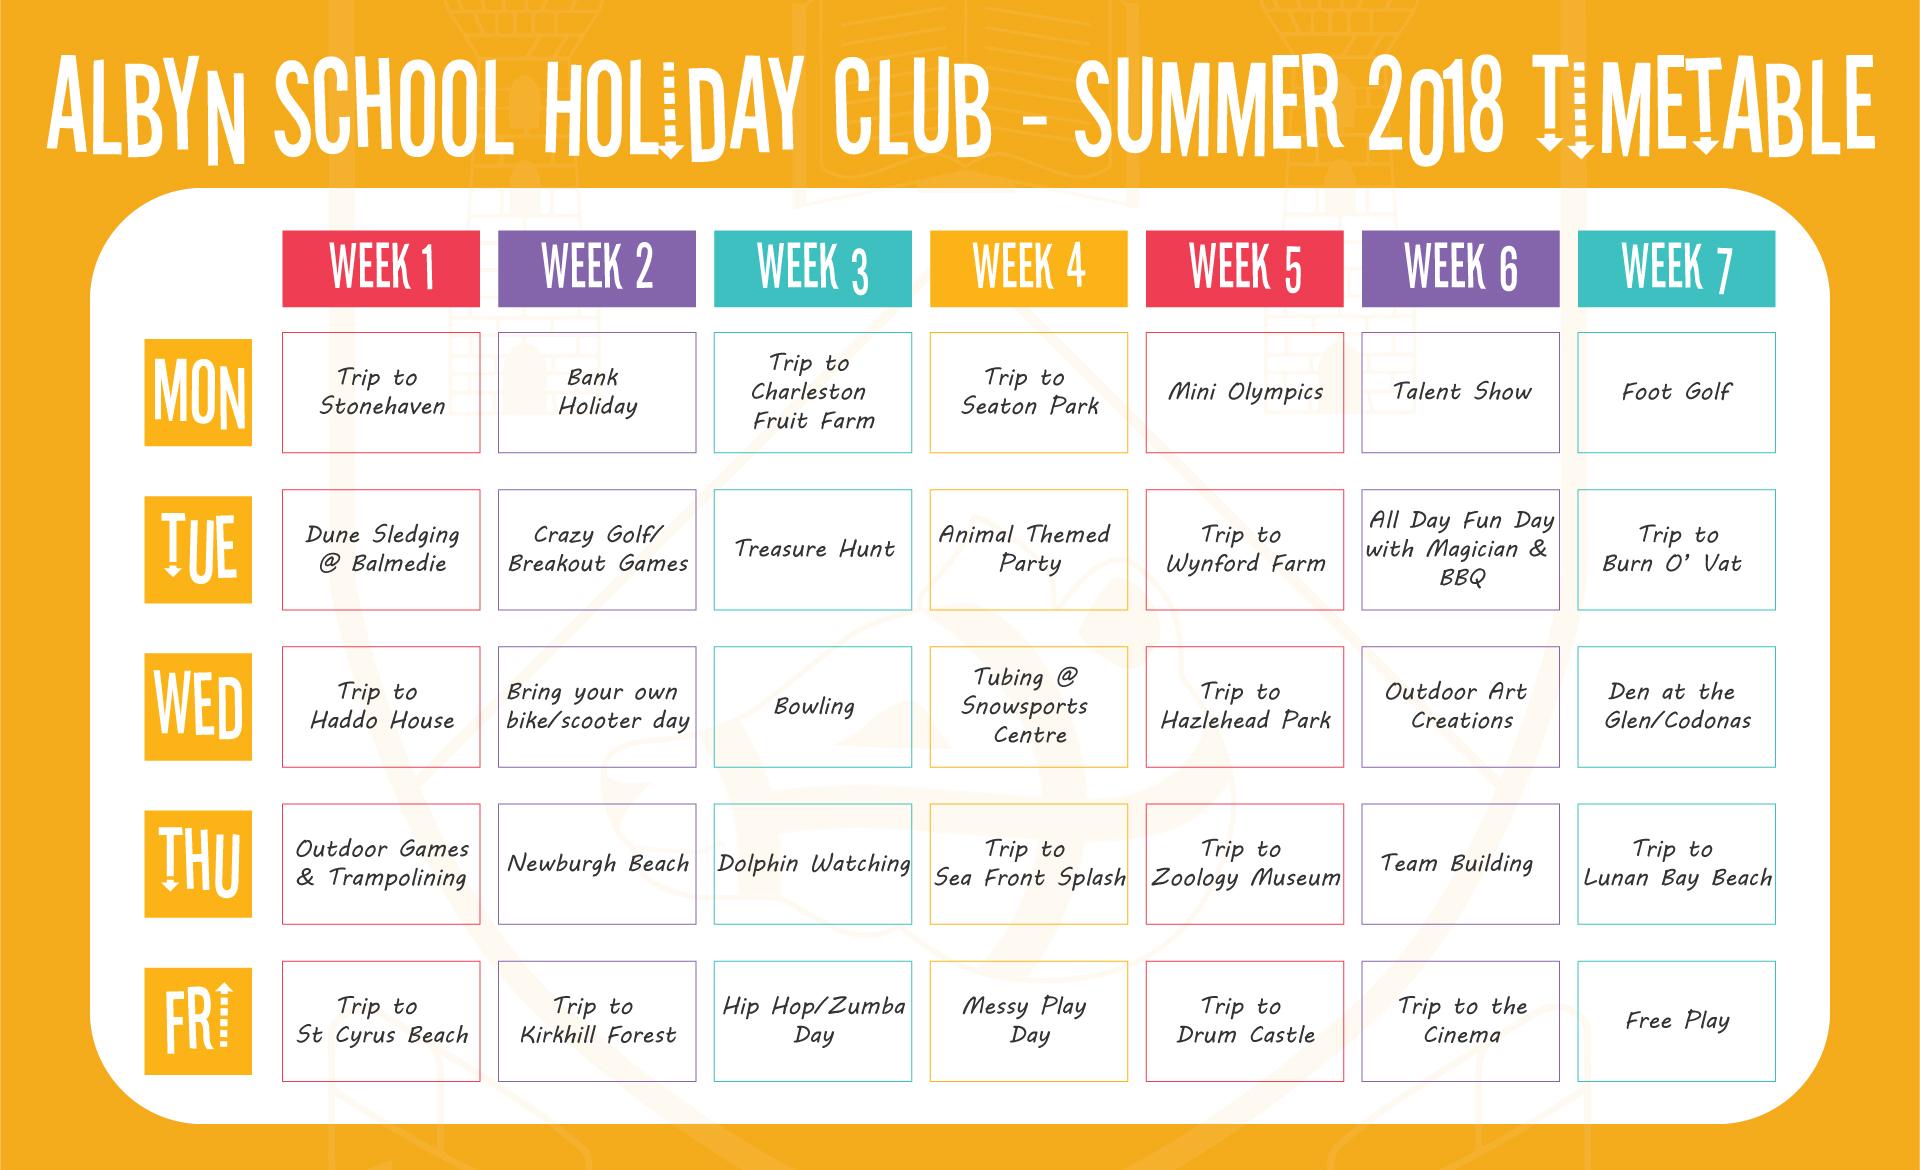 Albyn School Holiday Club - Albyn School - Aberdeen, Scotland